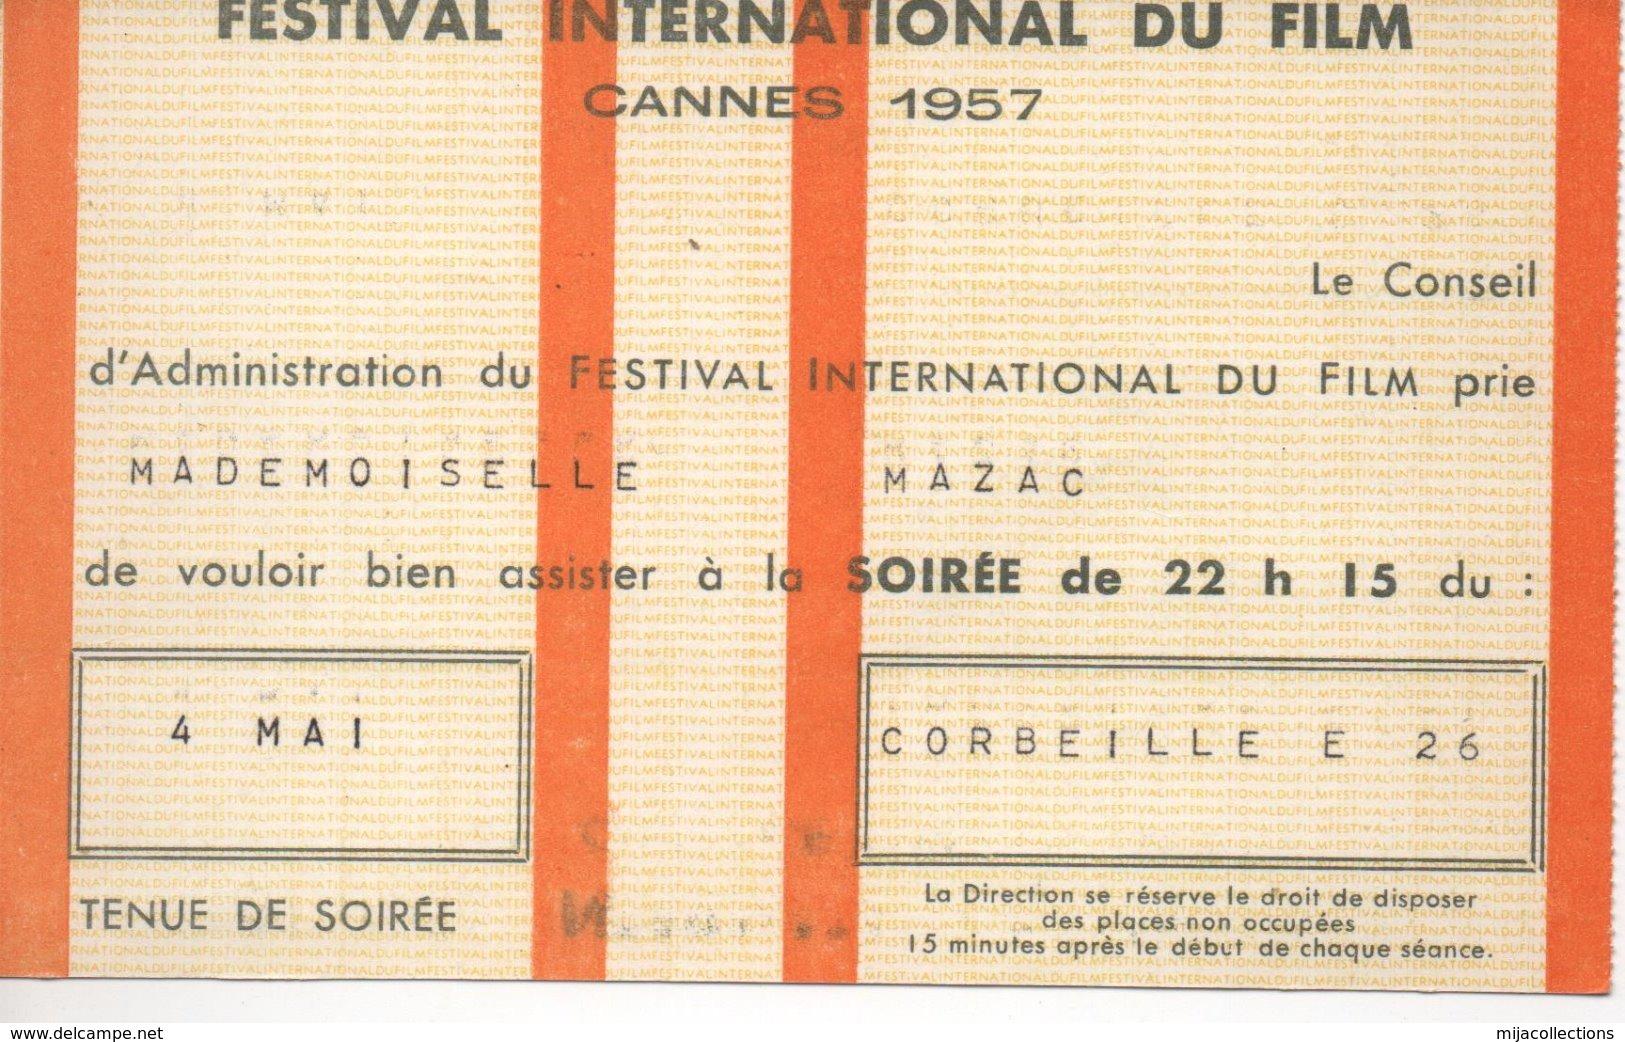 """Invitation  FESTIVAL INTERNATIONAL DU FILM 1957 CANNES-"""" Soirée - Tickets - Vouchers"""